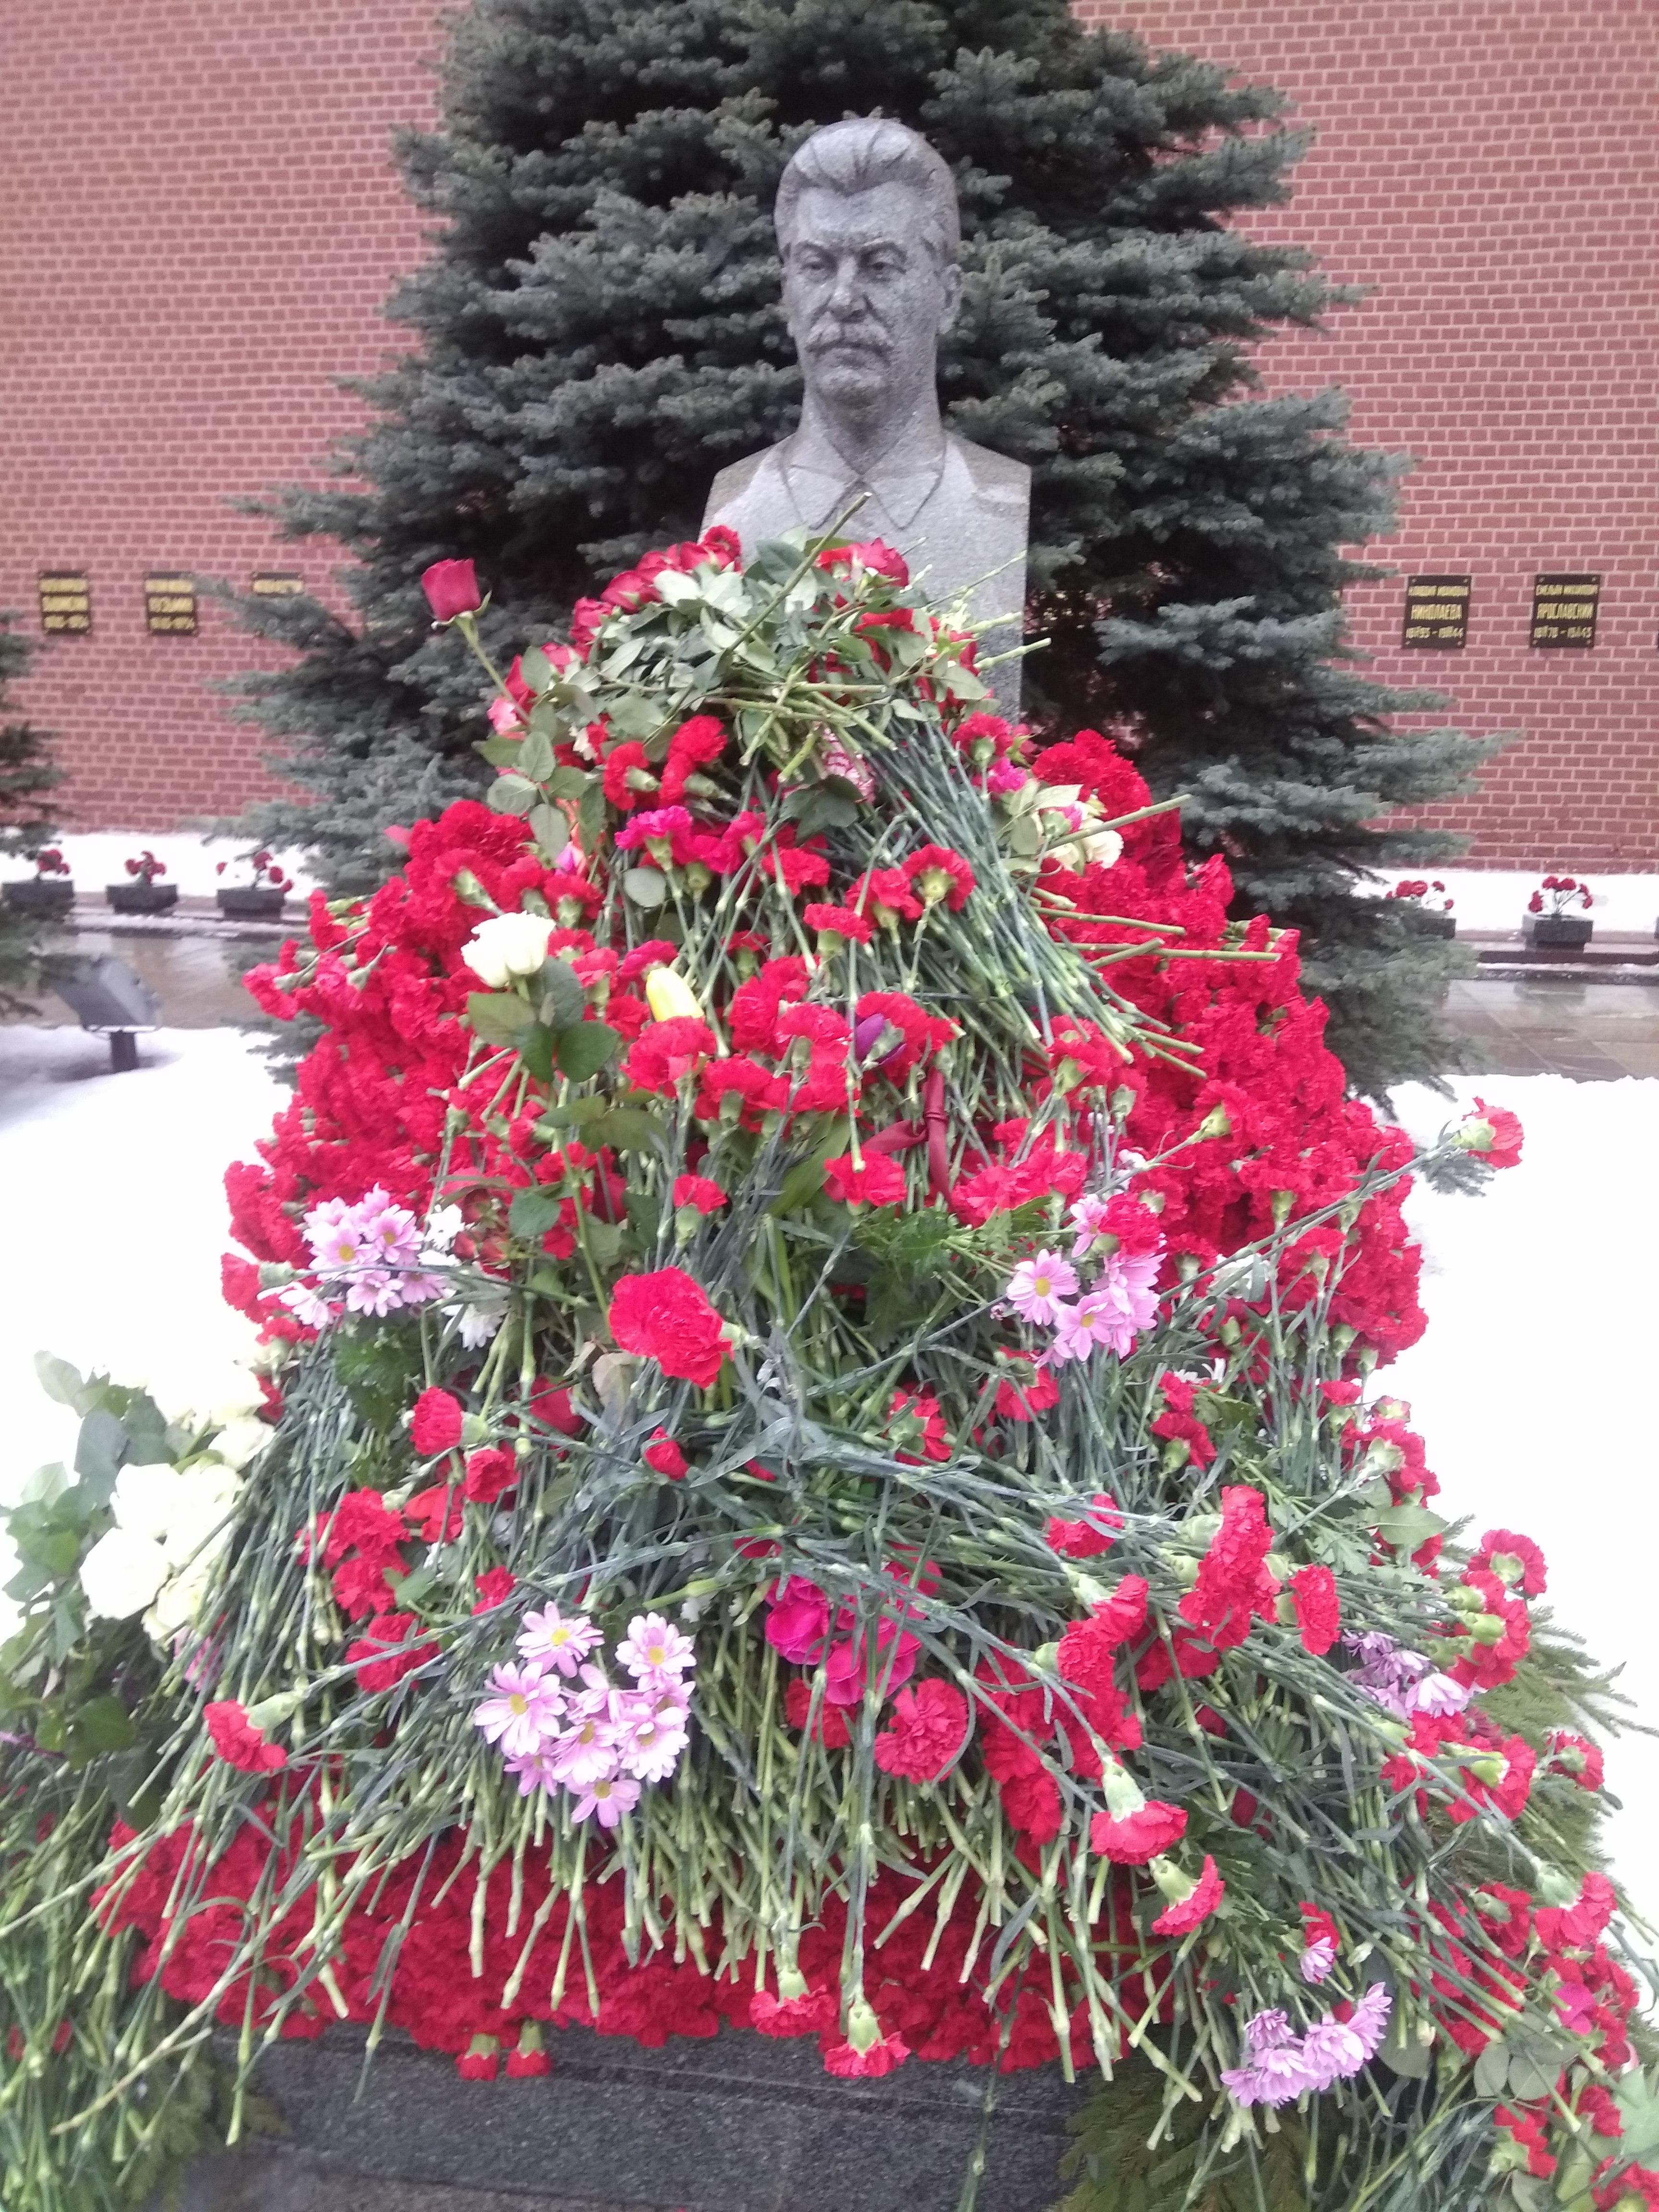 """5 марта 2019 года представители Российской Общественной Организации """"Бородино 2045"""" приняли участие в возложении цветов к памятнику Сталина у Кремлёвской стены на Красной Площади в Москве в день памяти ВЕЛИКОГО ВОЖДЯ НАРОДОВ дорогого  ИОСИФА ВИССАРИОНОВИЧА СТАЛИНА"""